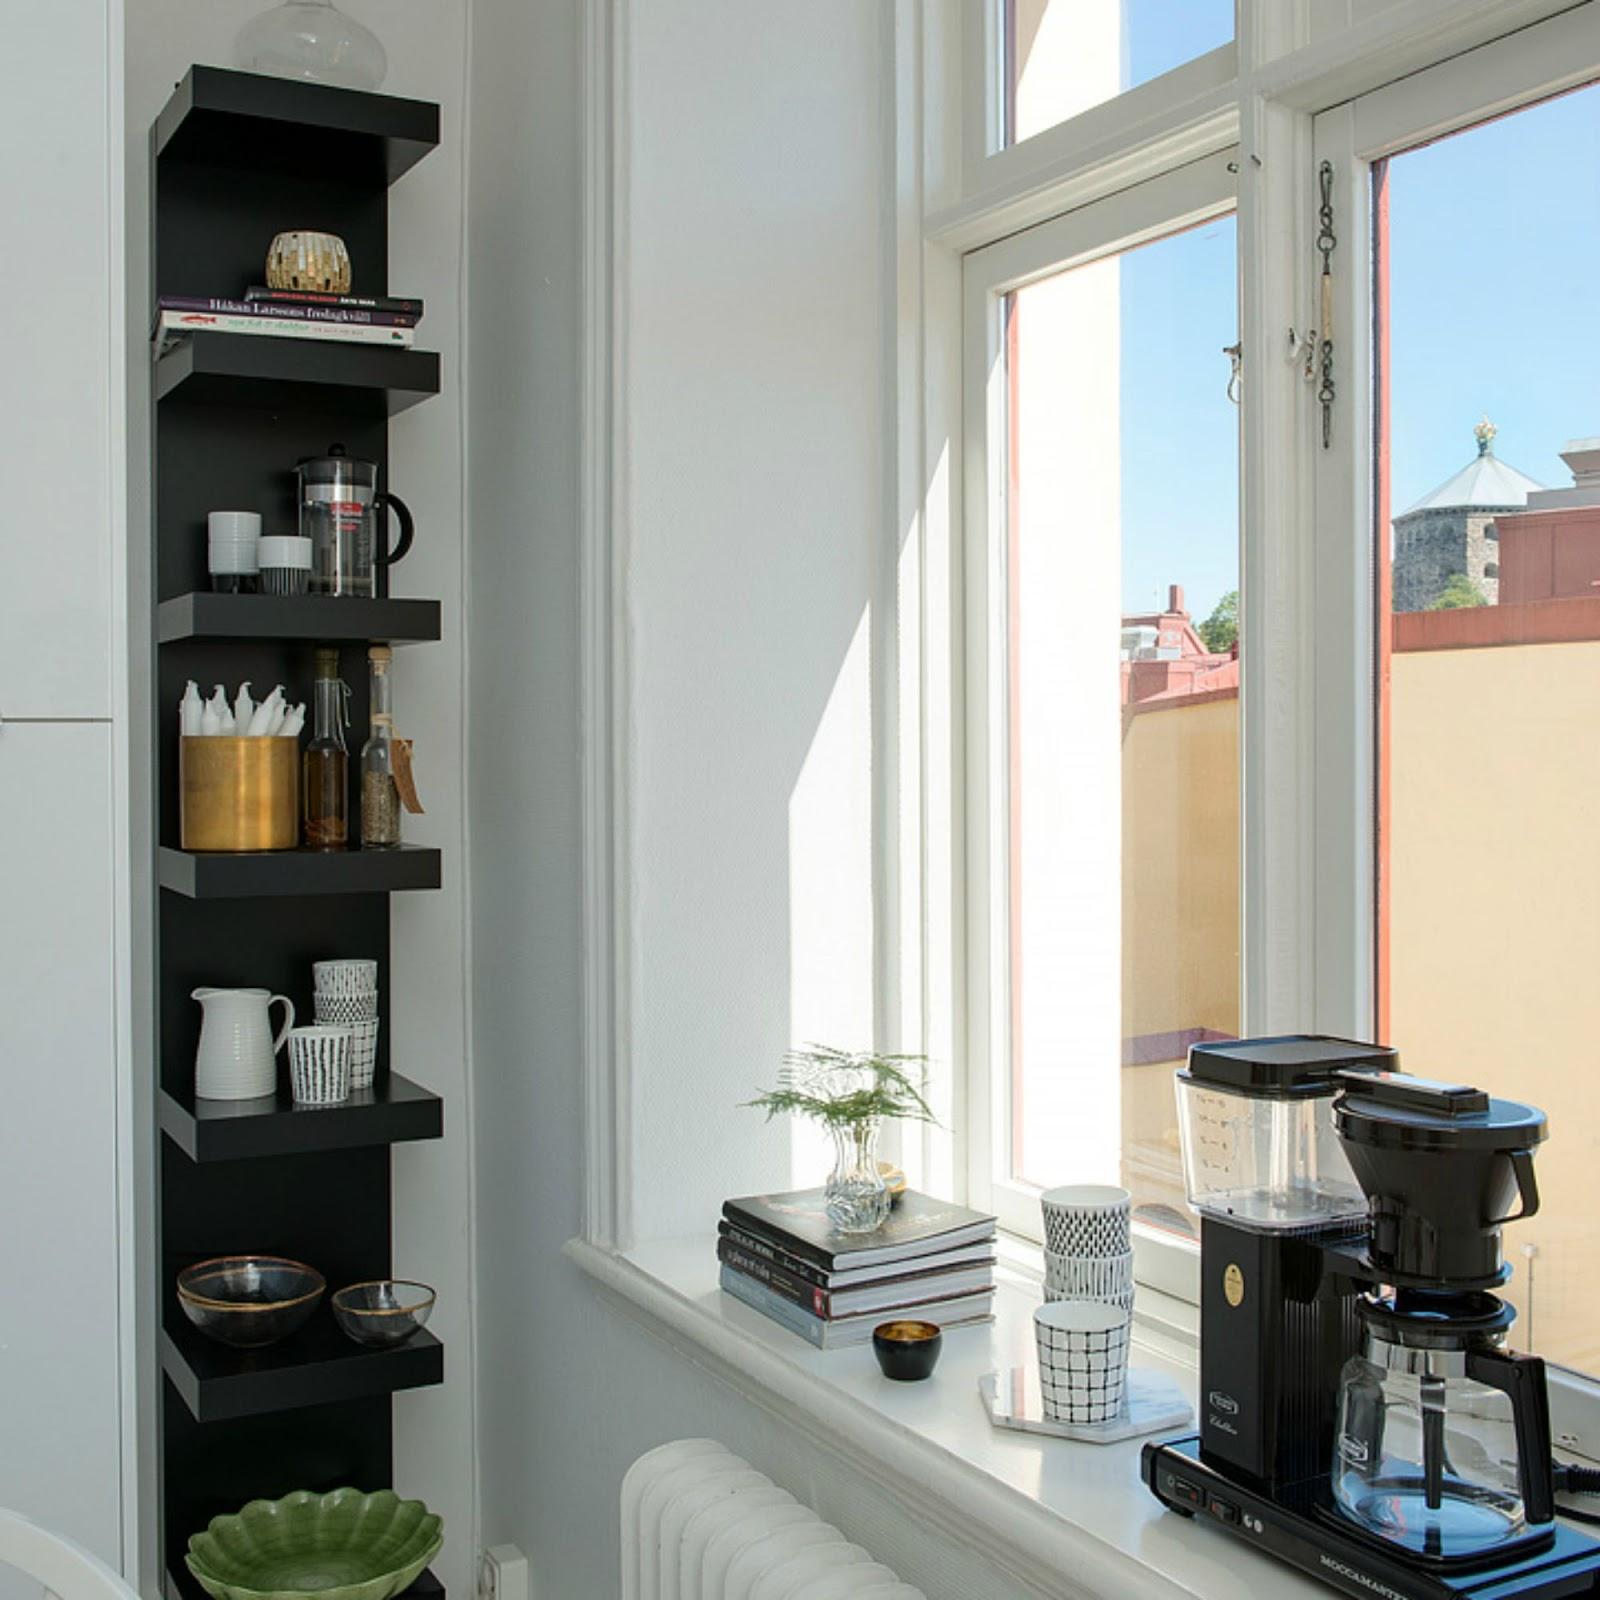 Decoraci n f cil ideas low cost para decorar una vivienda - Amueblar piso low cost ...